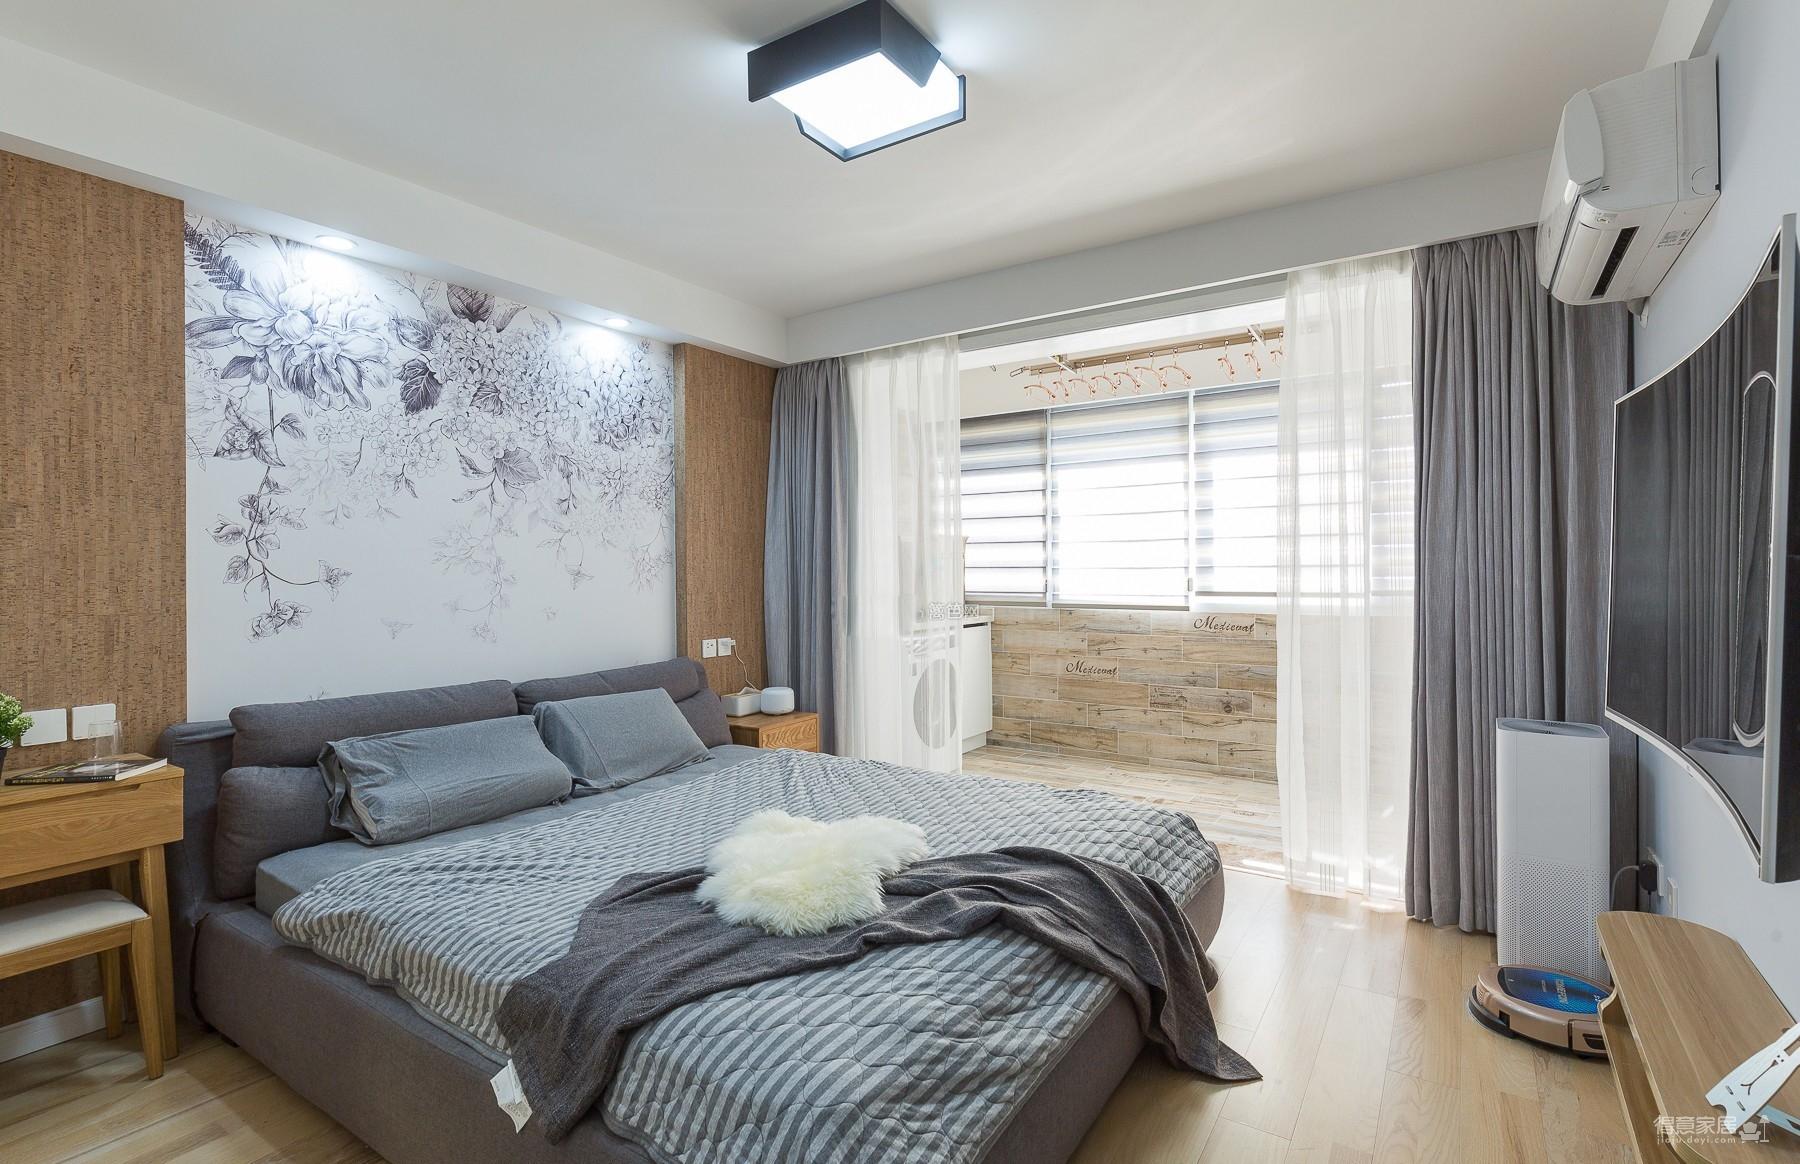 60平小公寓的空间利用图_16